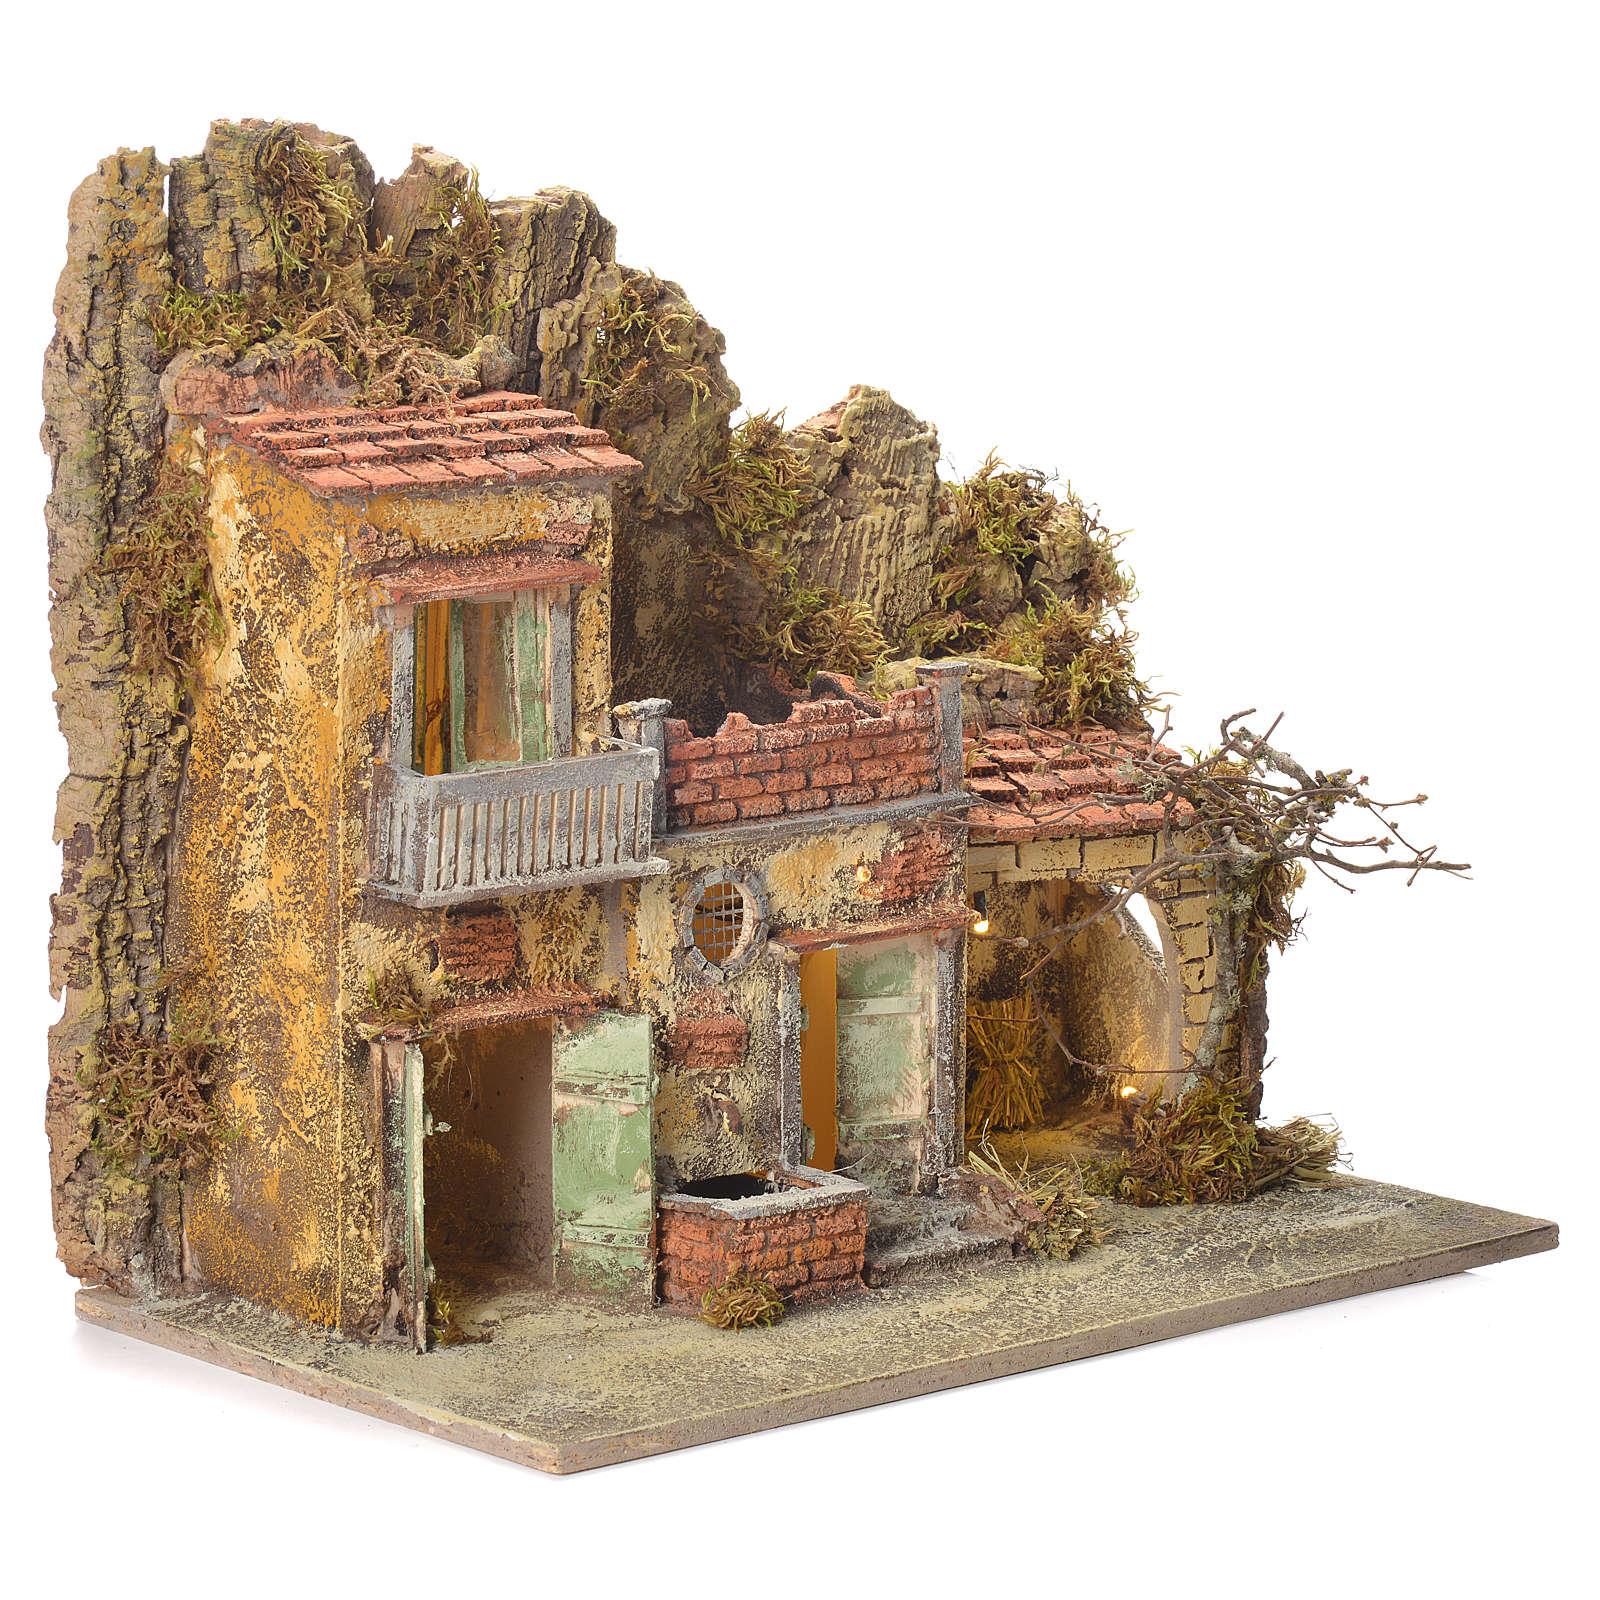 Borgo presepe con fontana 45X50X30 cm 4